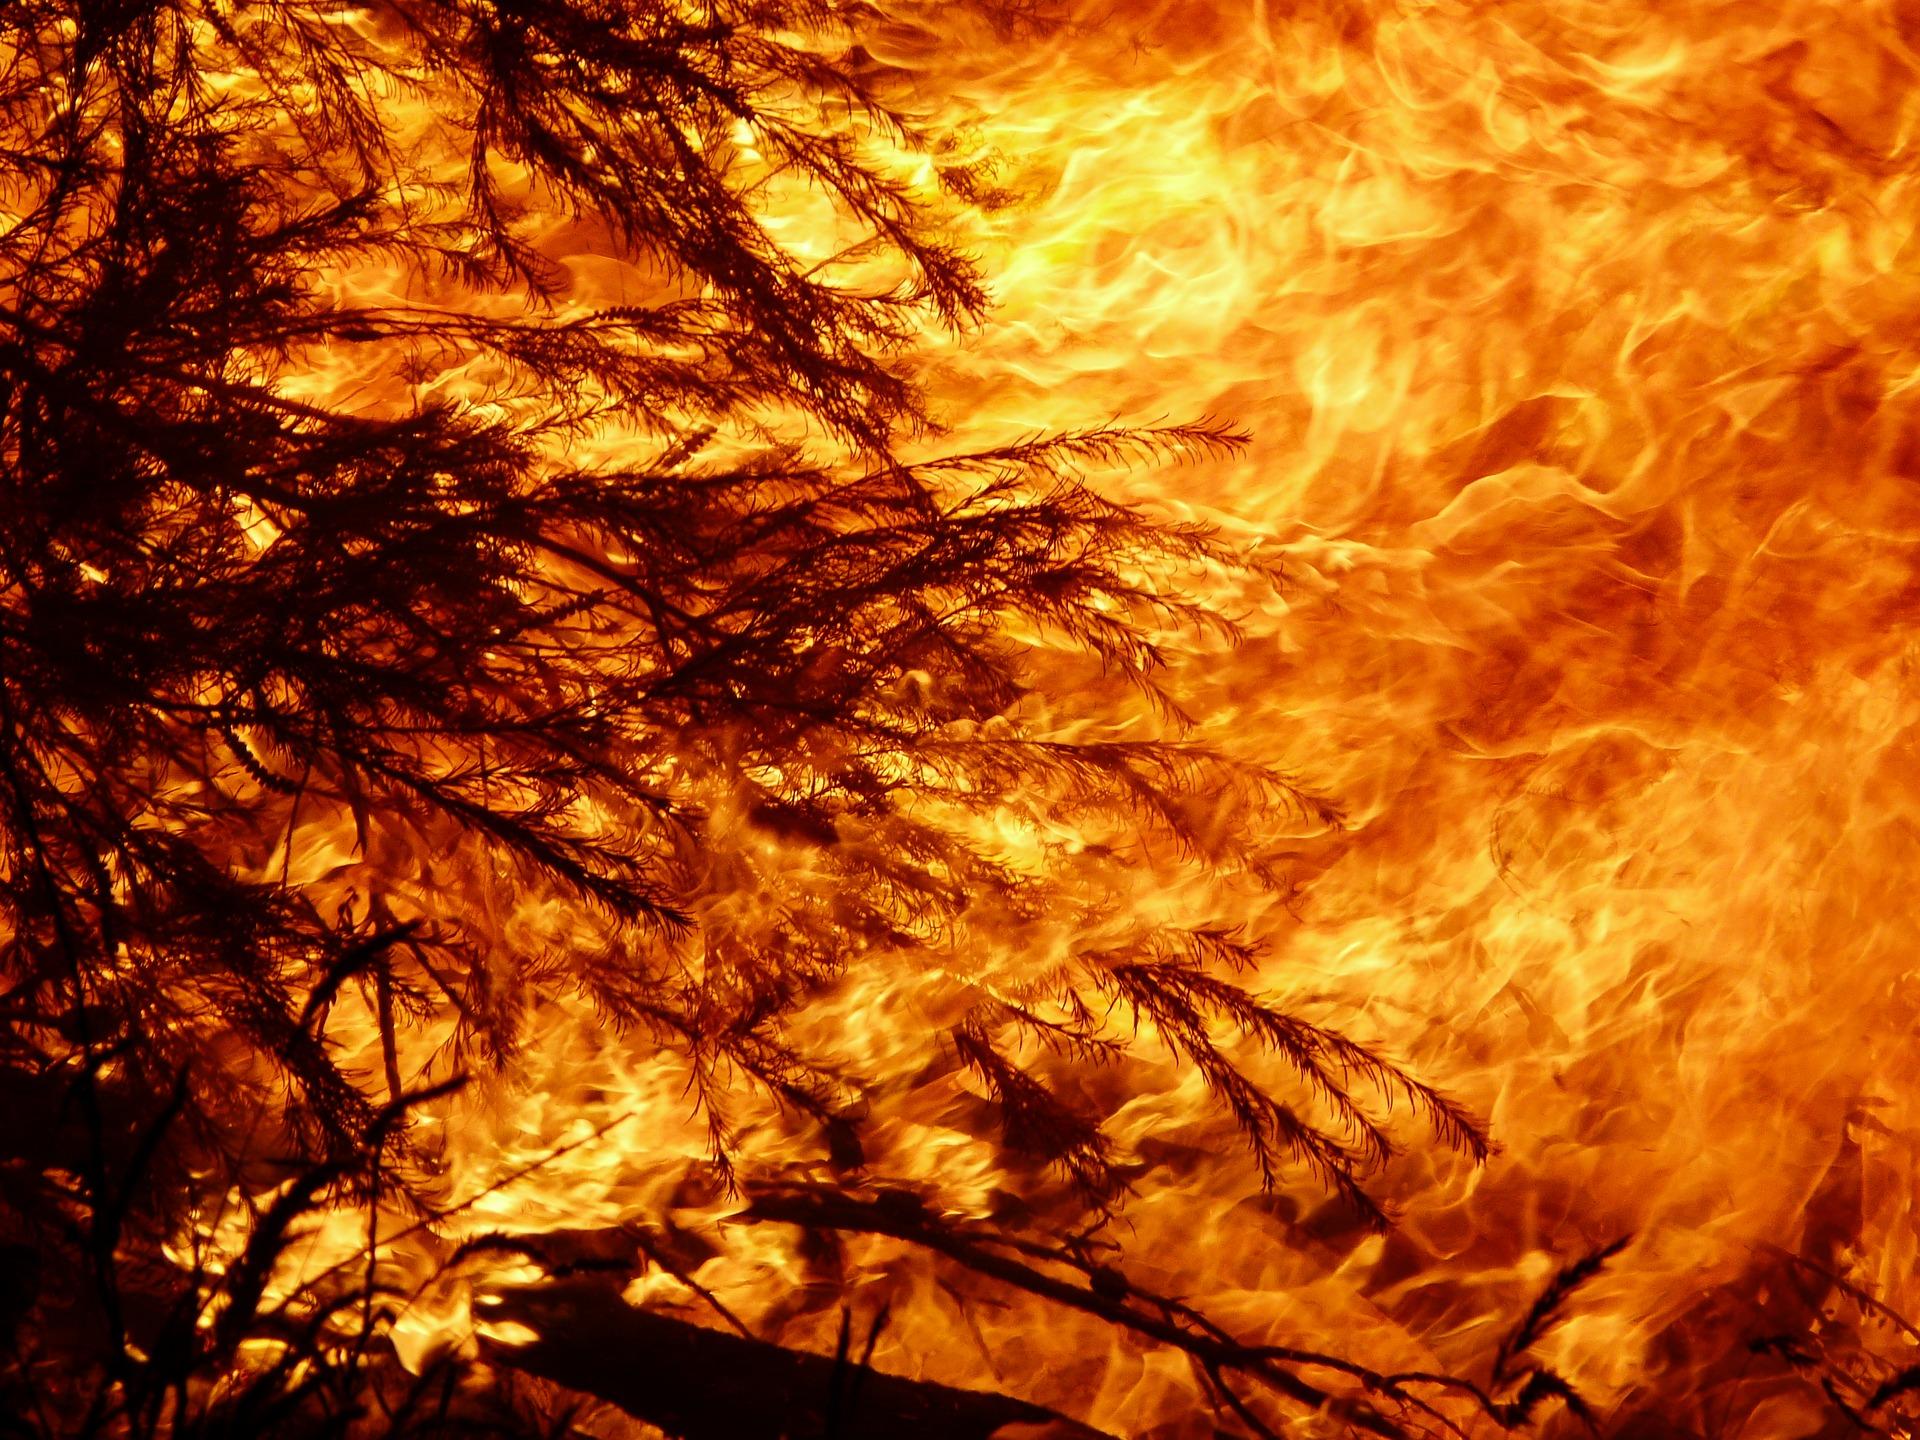 Ist ein Teenager schuld an den Bränden in Australien?